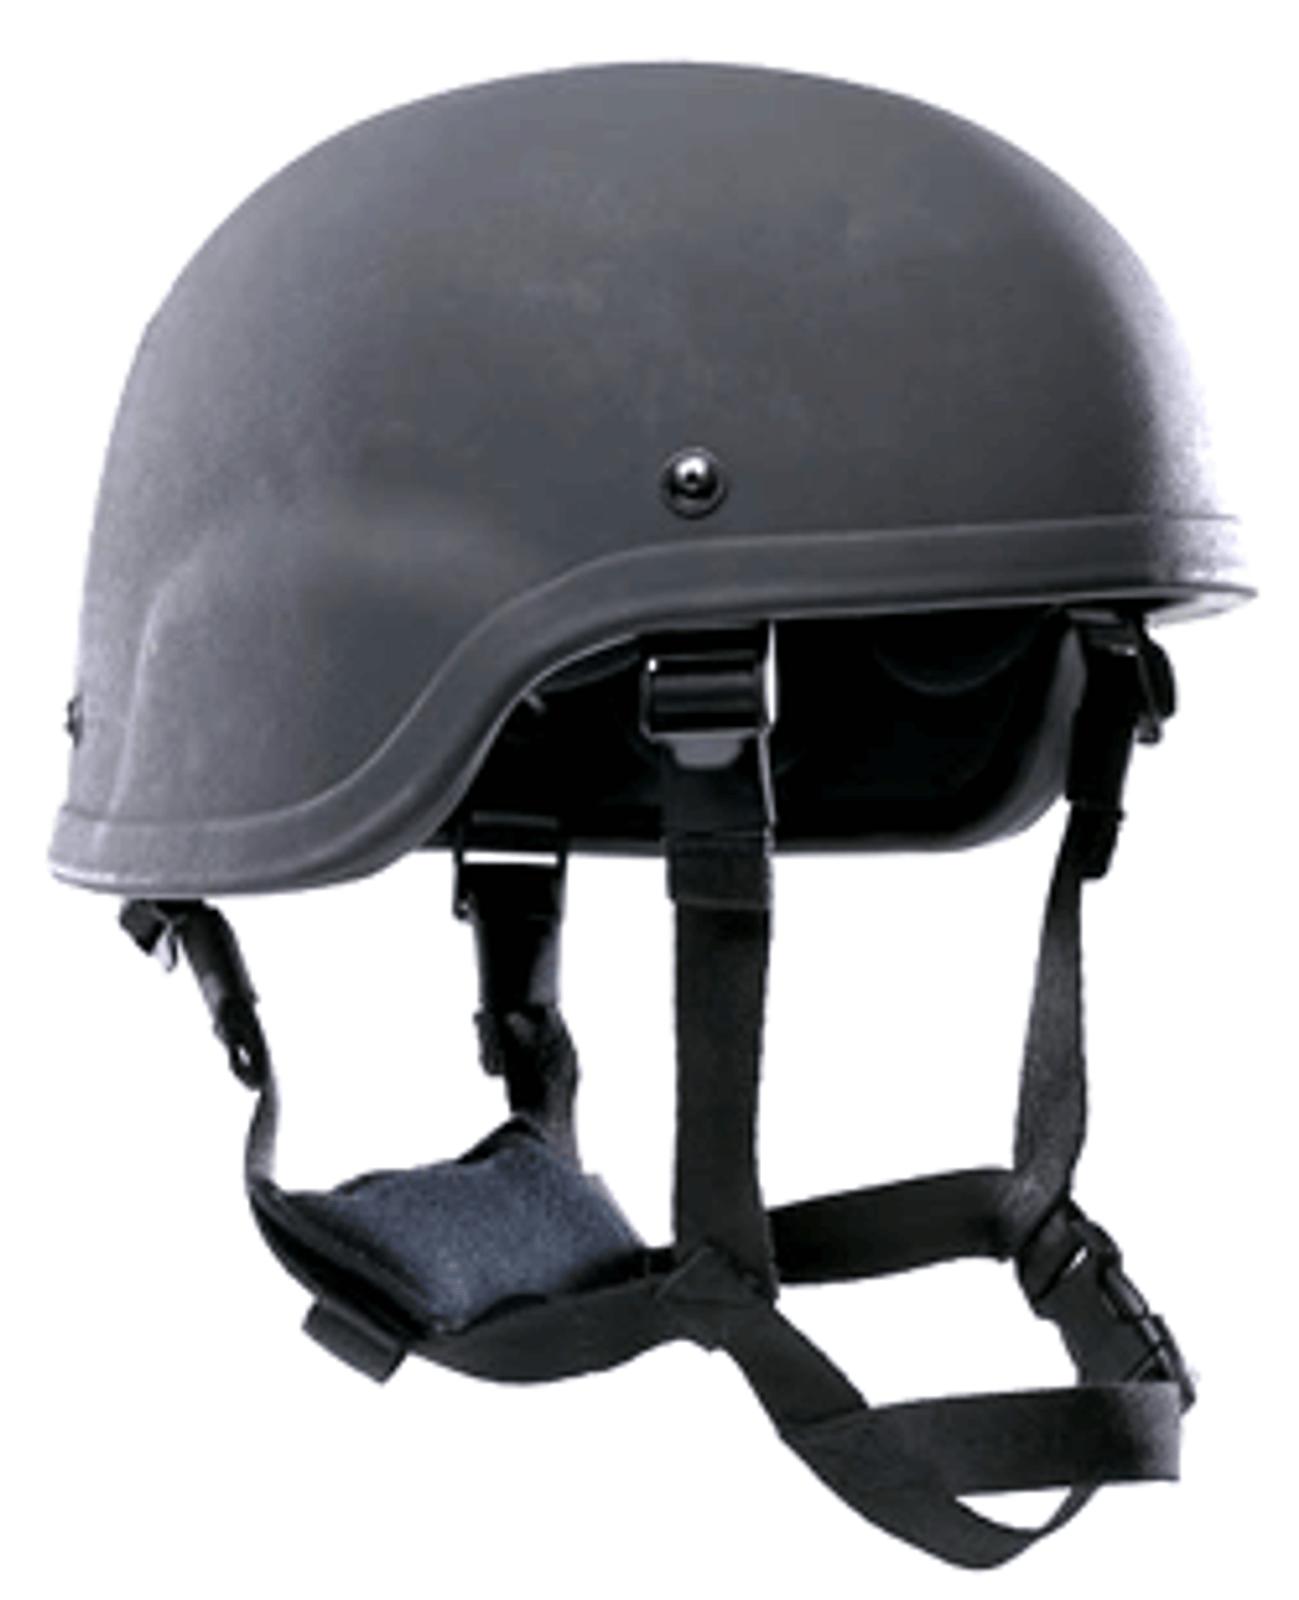 MICH Ballistic Tactical Combat Helmet